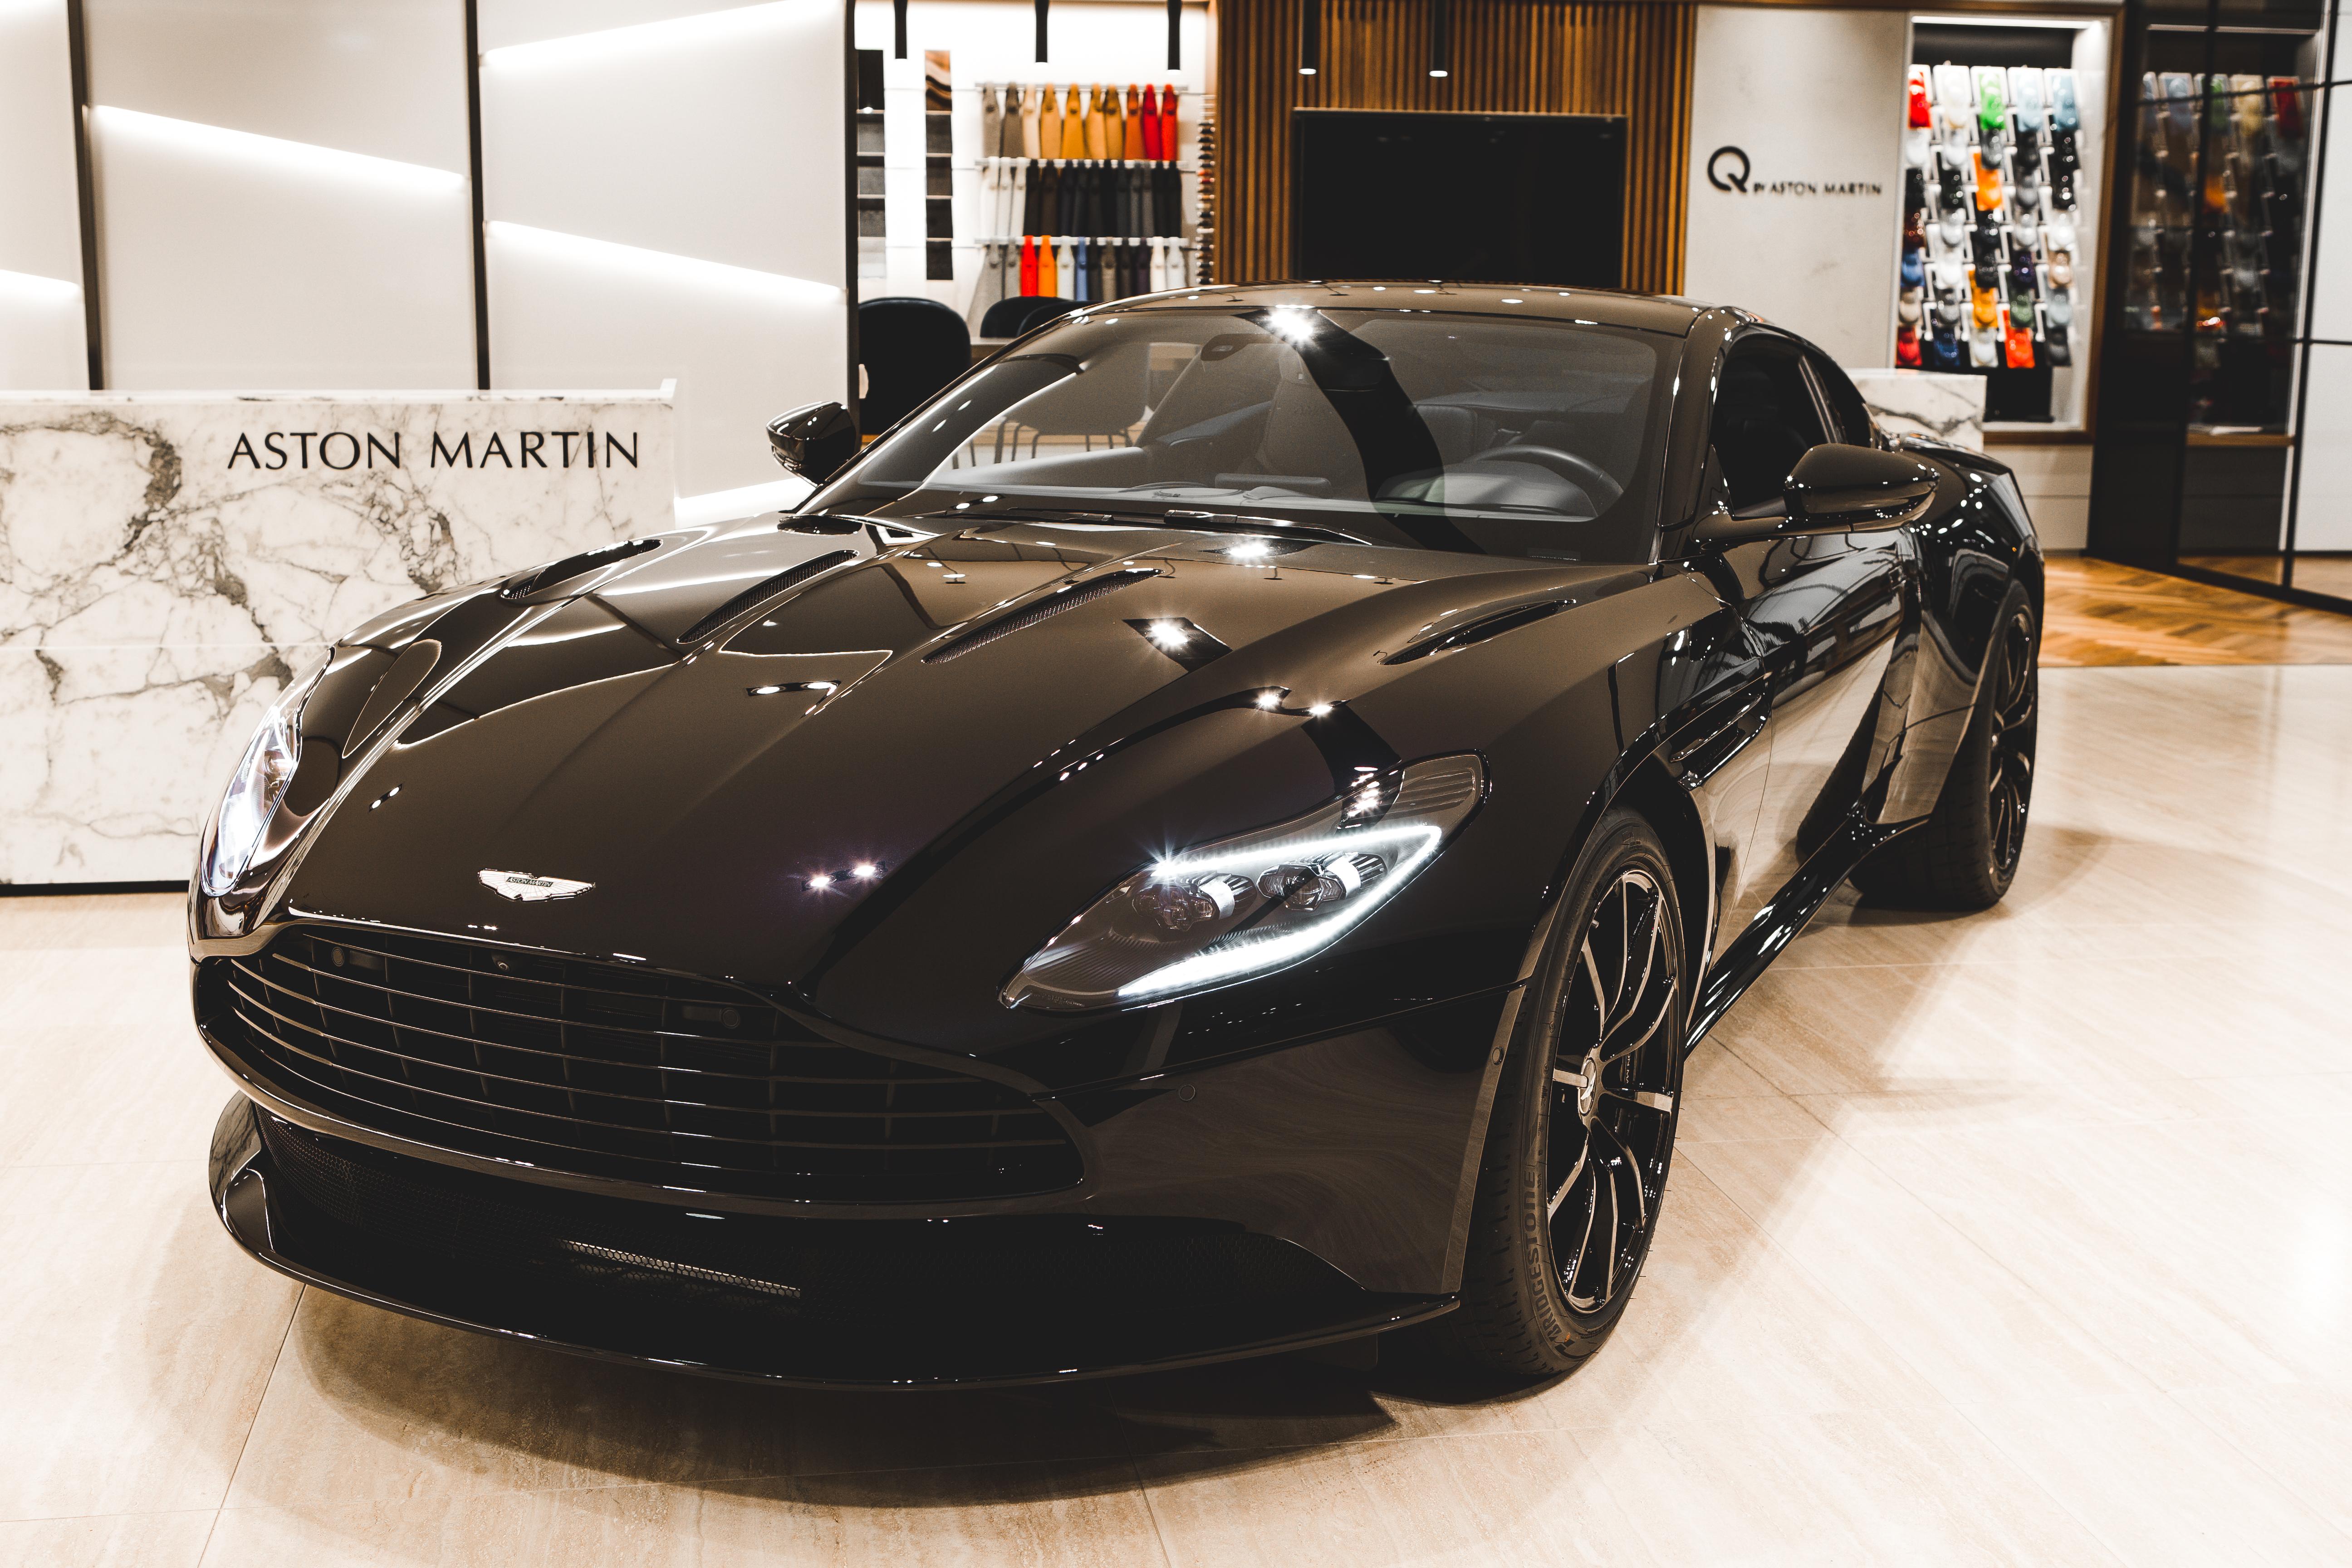 Aston Martin DB11 5.2 V12 AMR Limited Edition